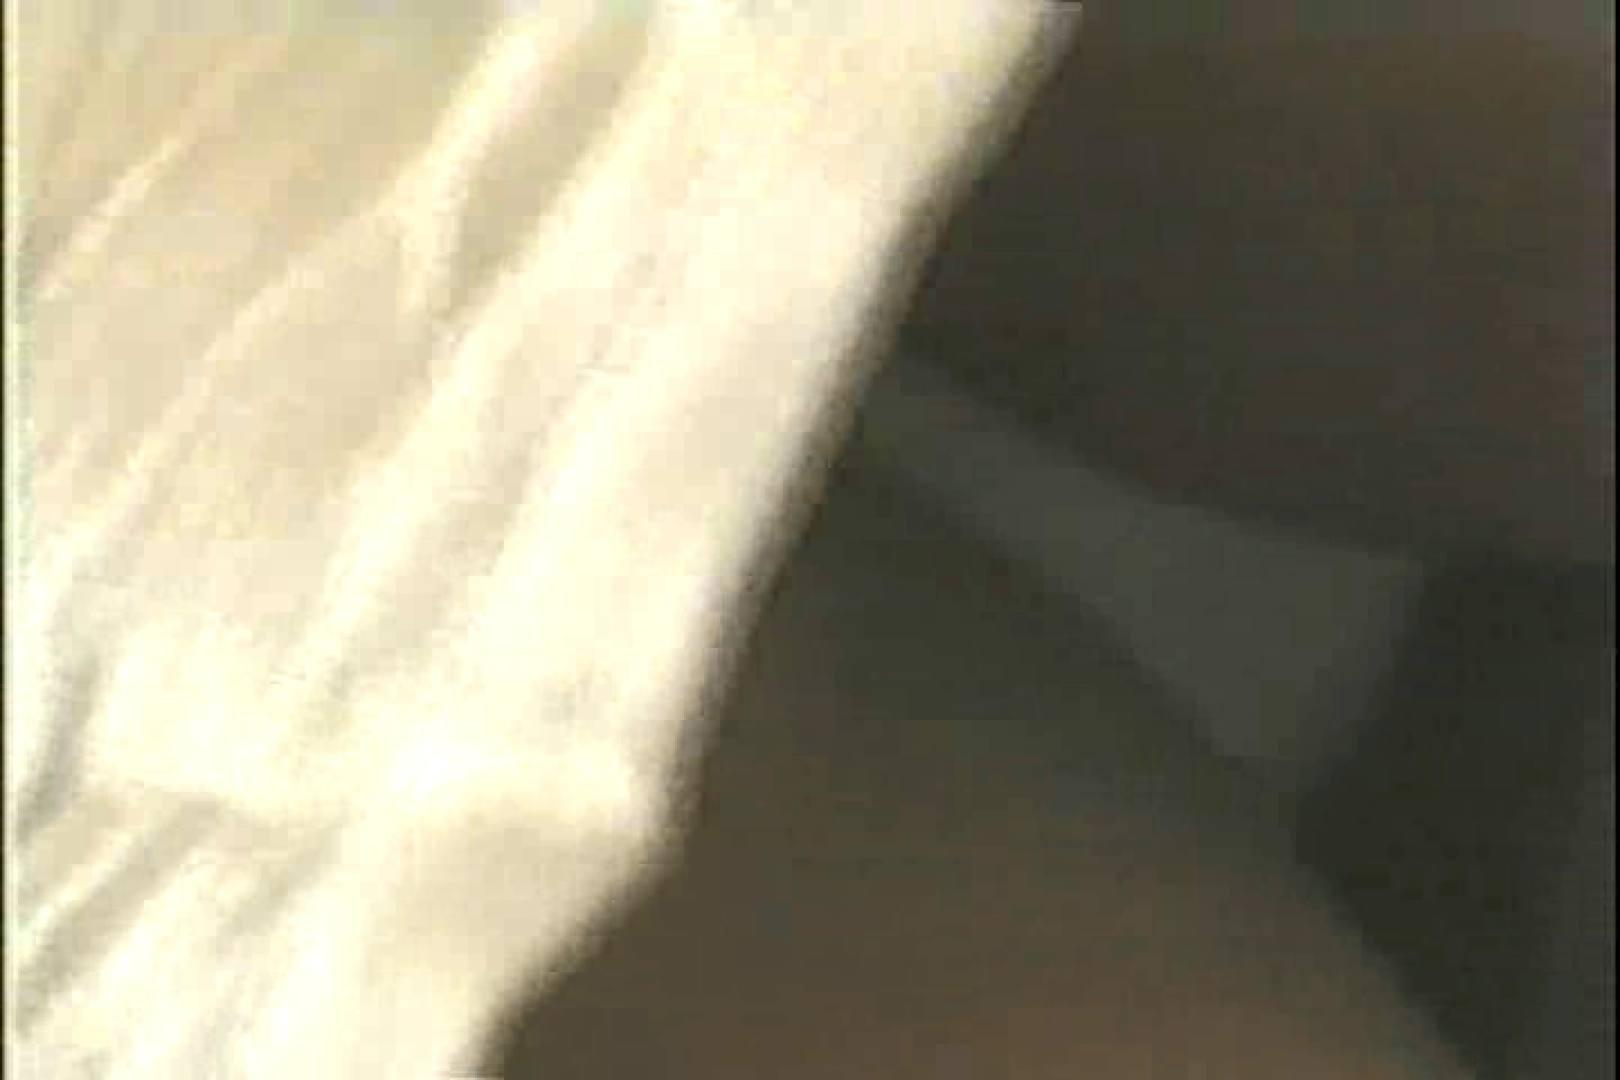 「ちくりん」さんのオリジナル未編集パンチラVol.5_02 パンチラ   チラ  76画像 49